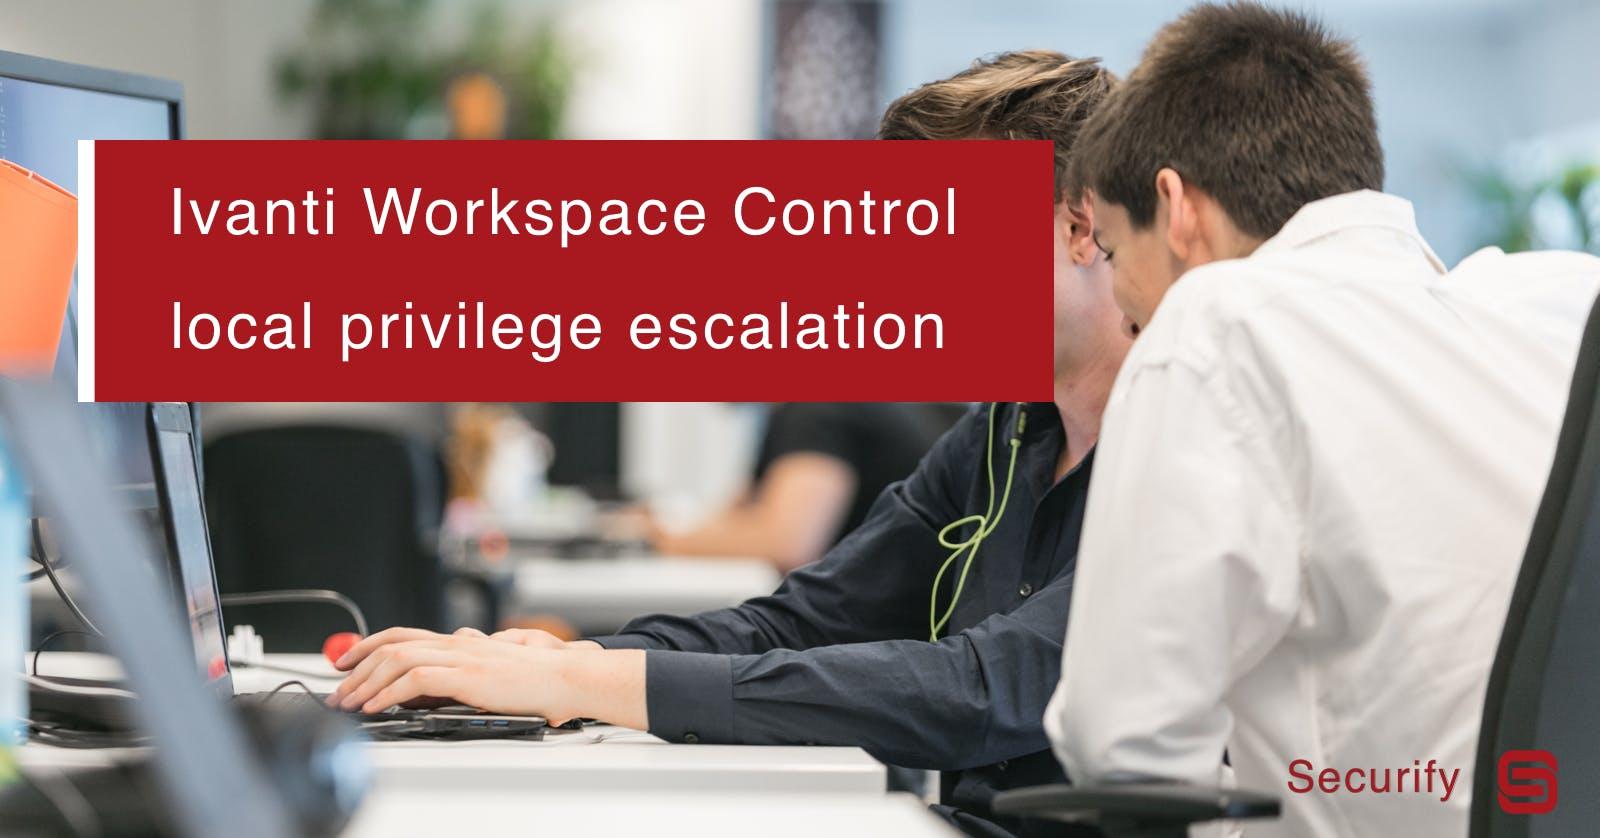 Ivanti Workspace Control local privilege escalation via Named Pipe